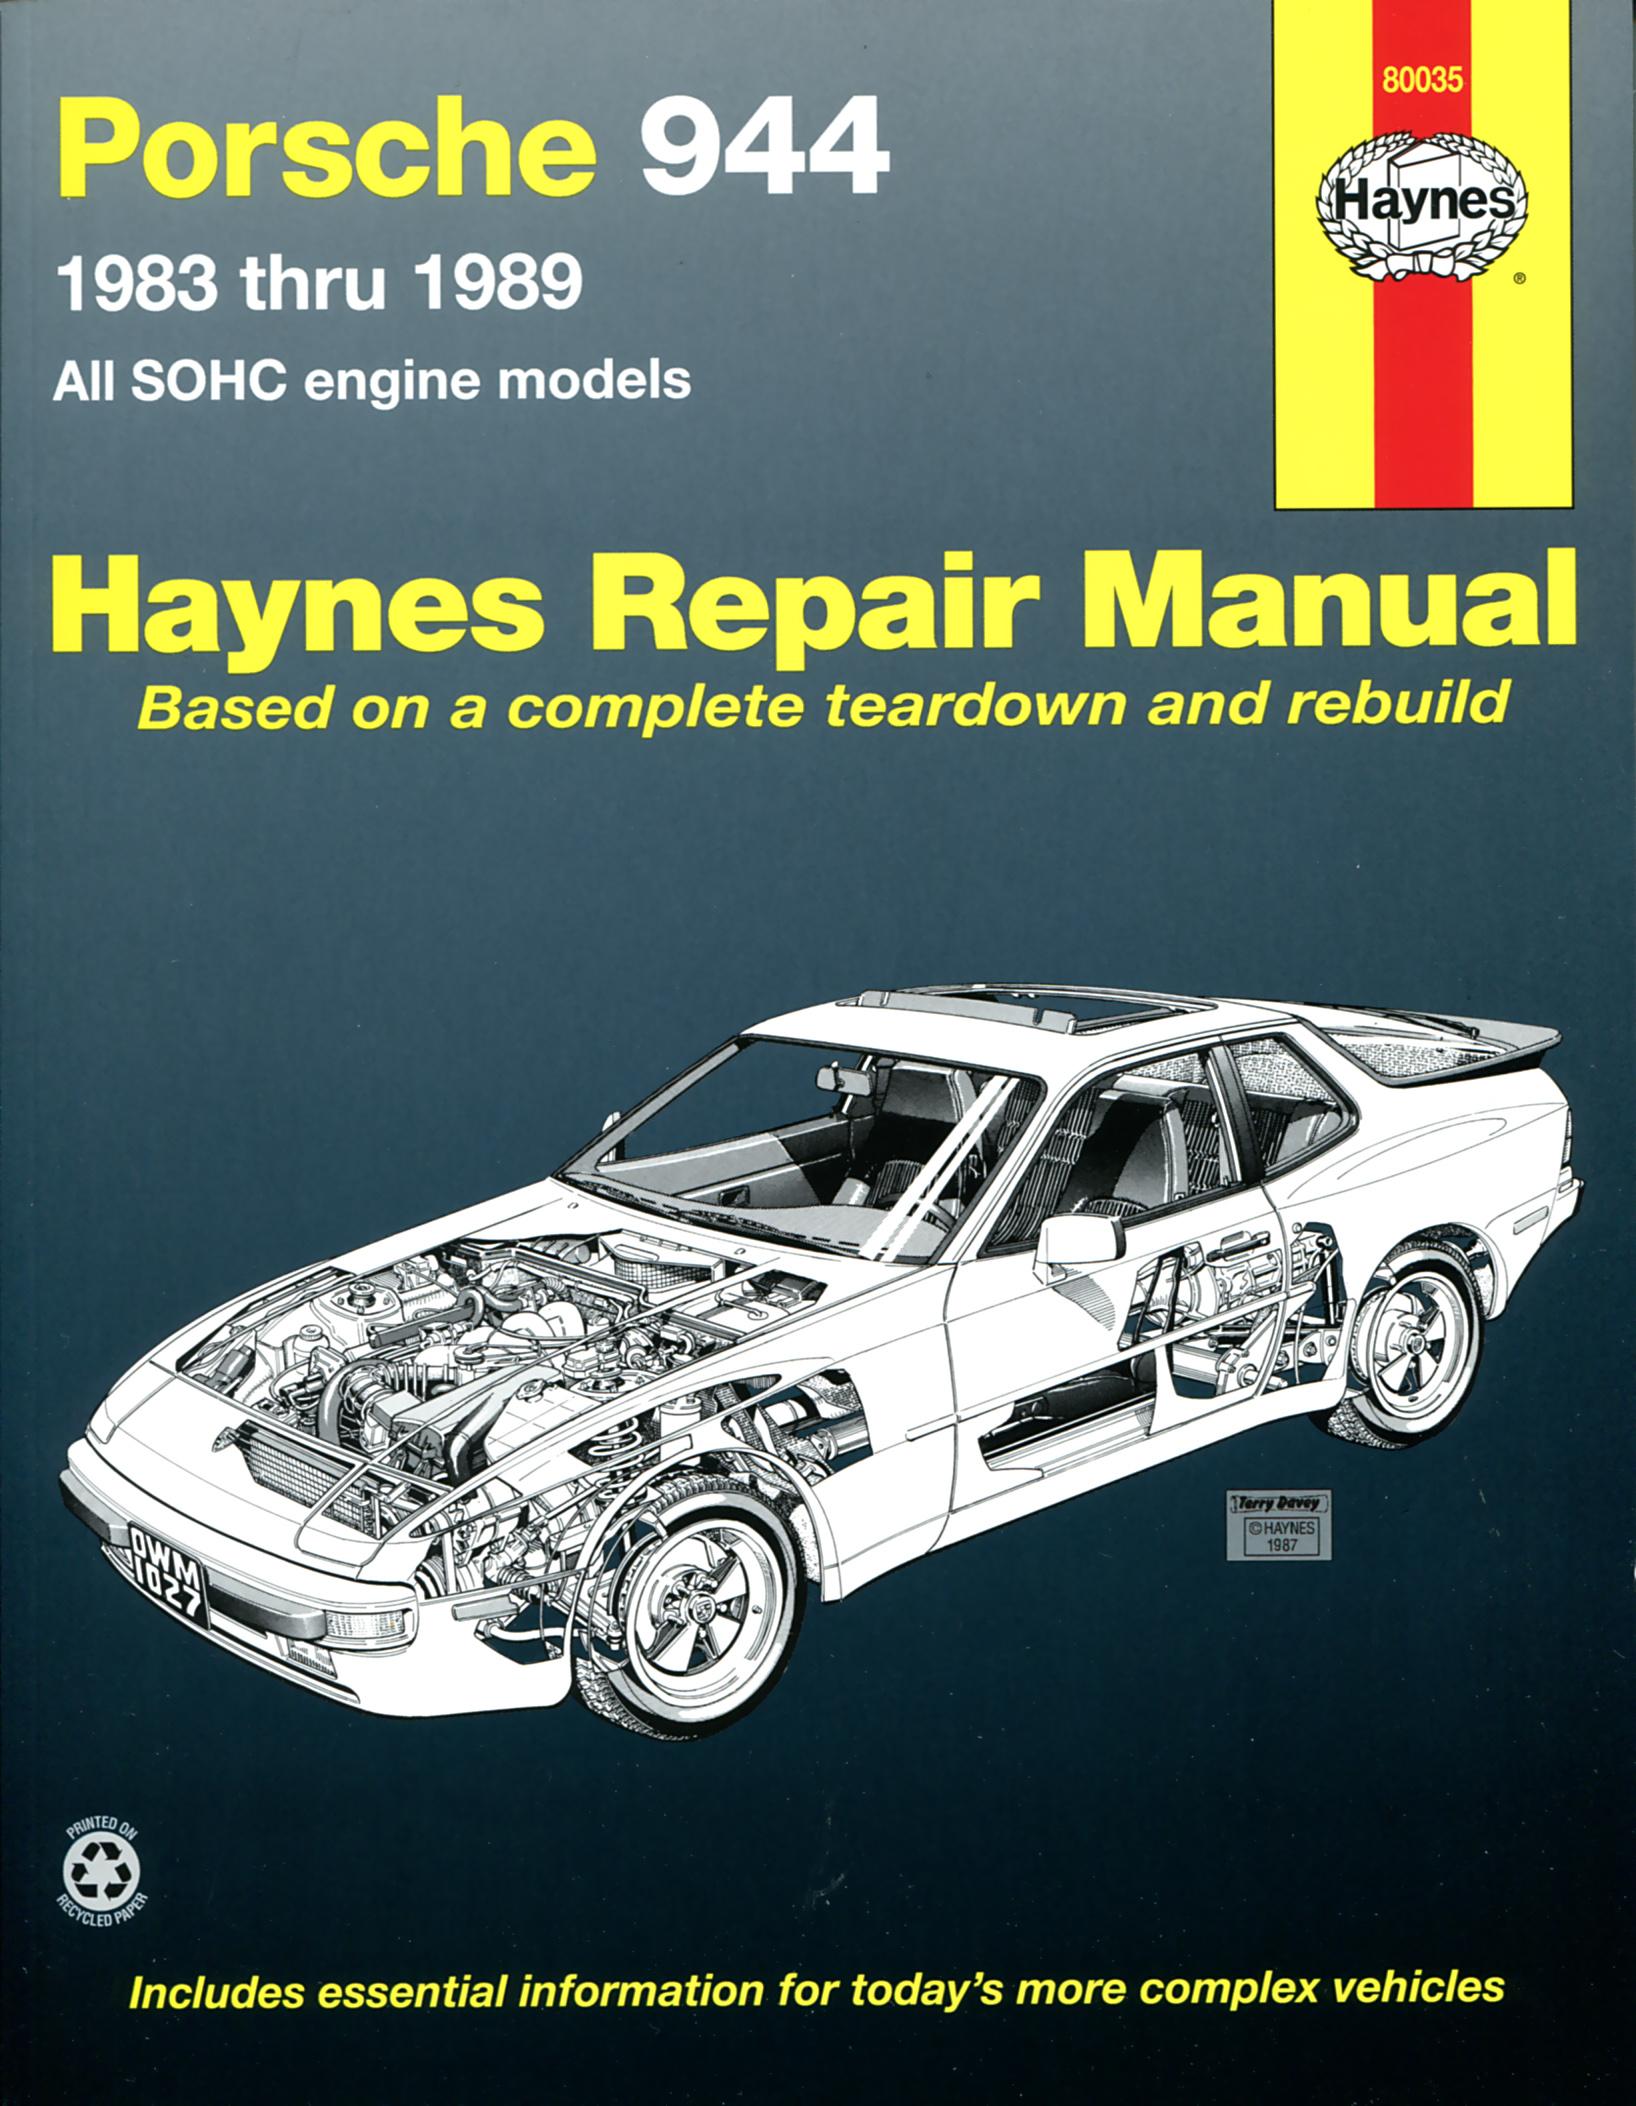 haynes owners workshop car manual porsche 944 handbook. Black Bedroom Furniture Sets. Home Design Ideas